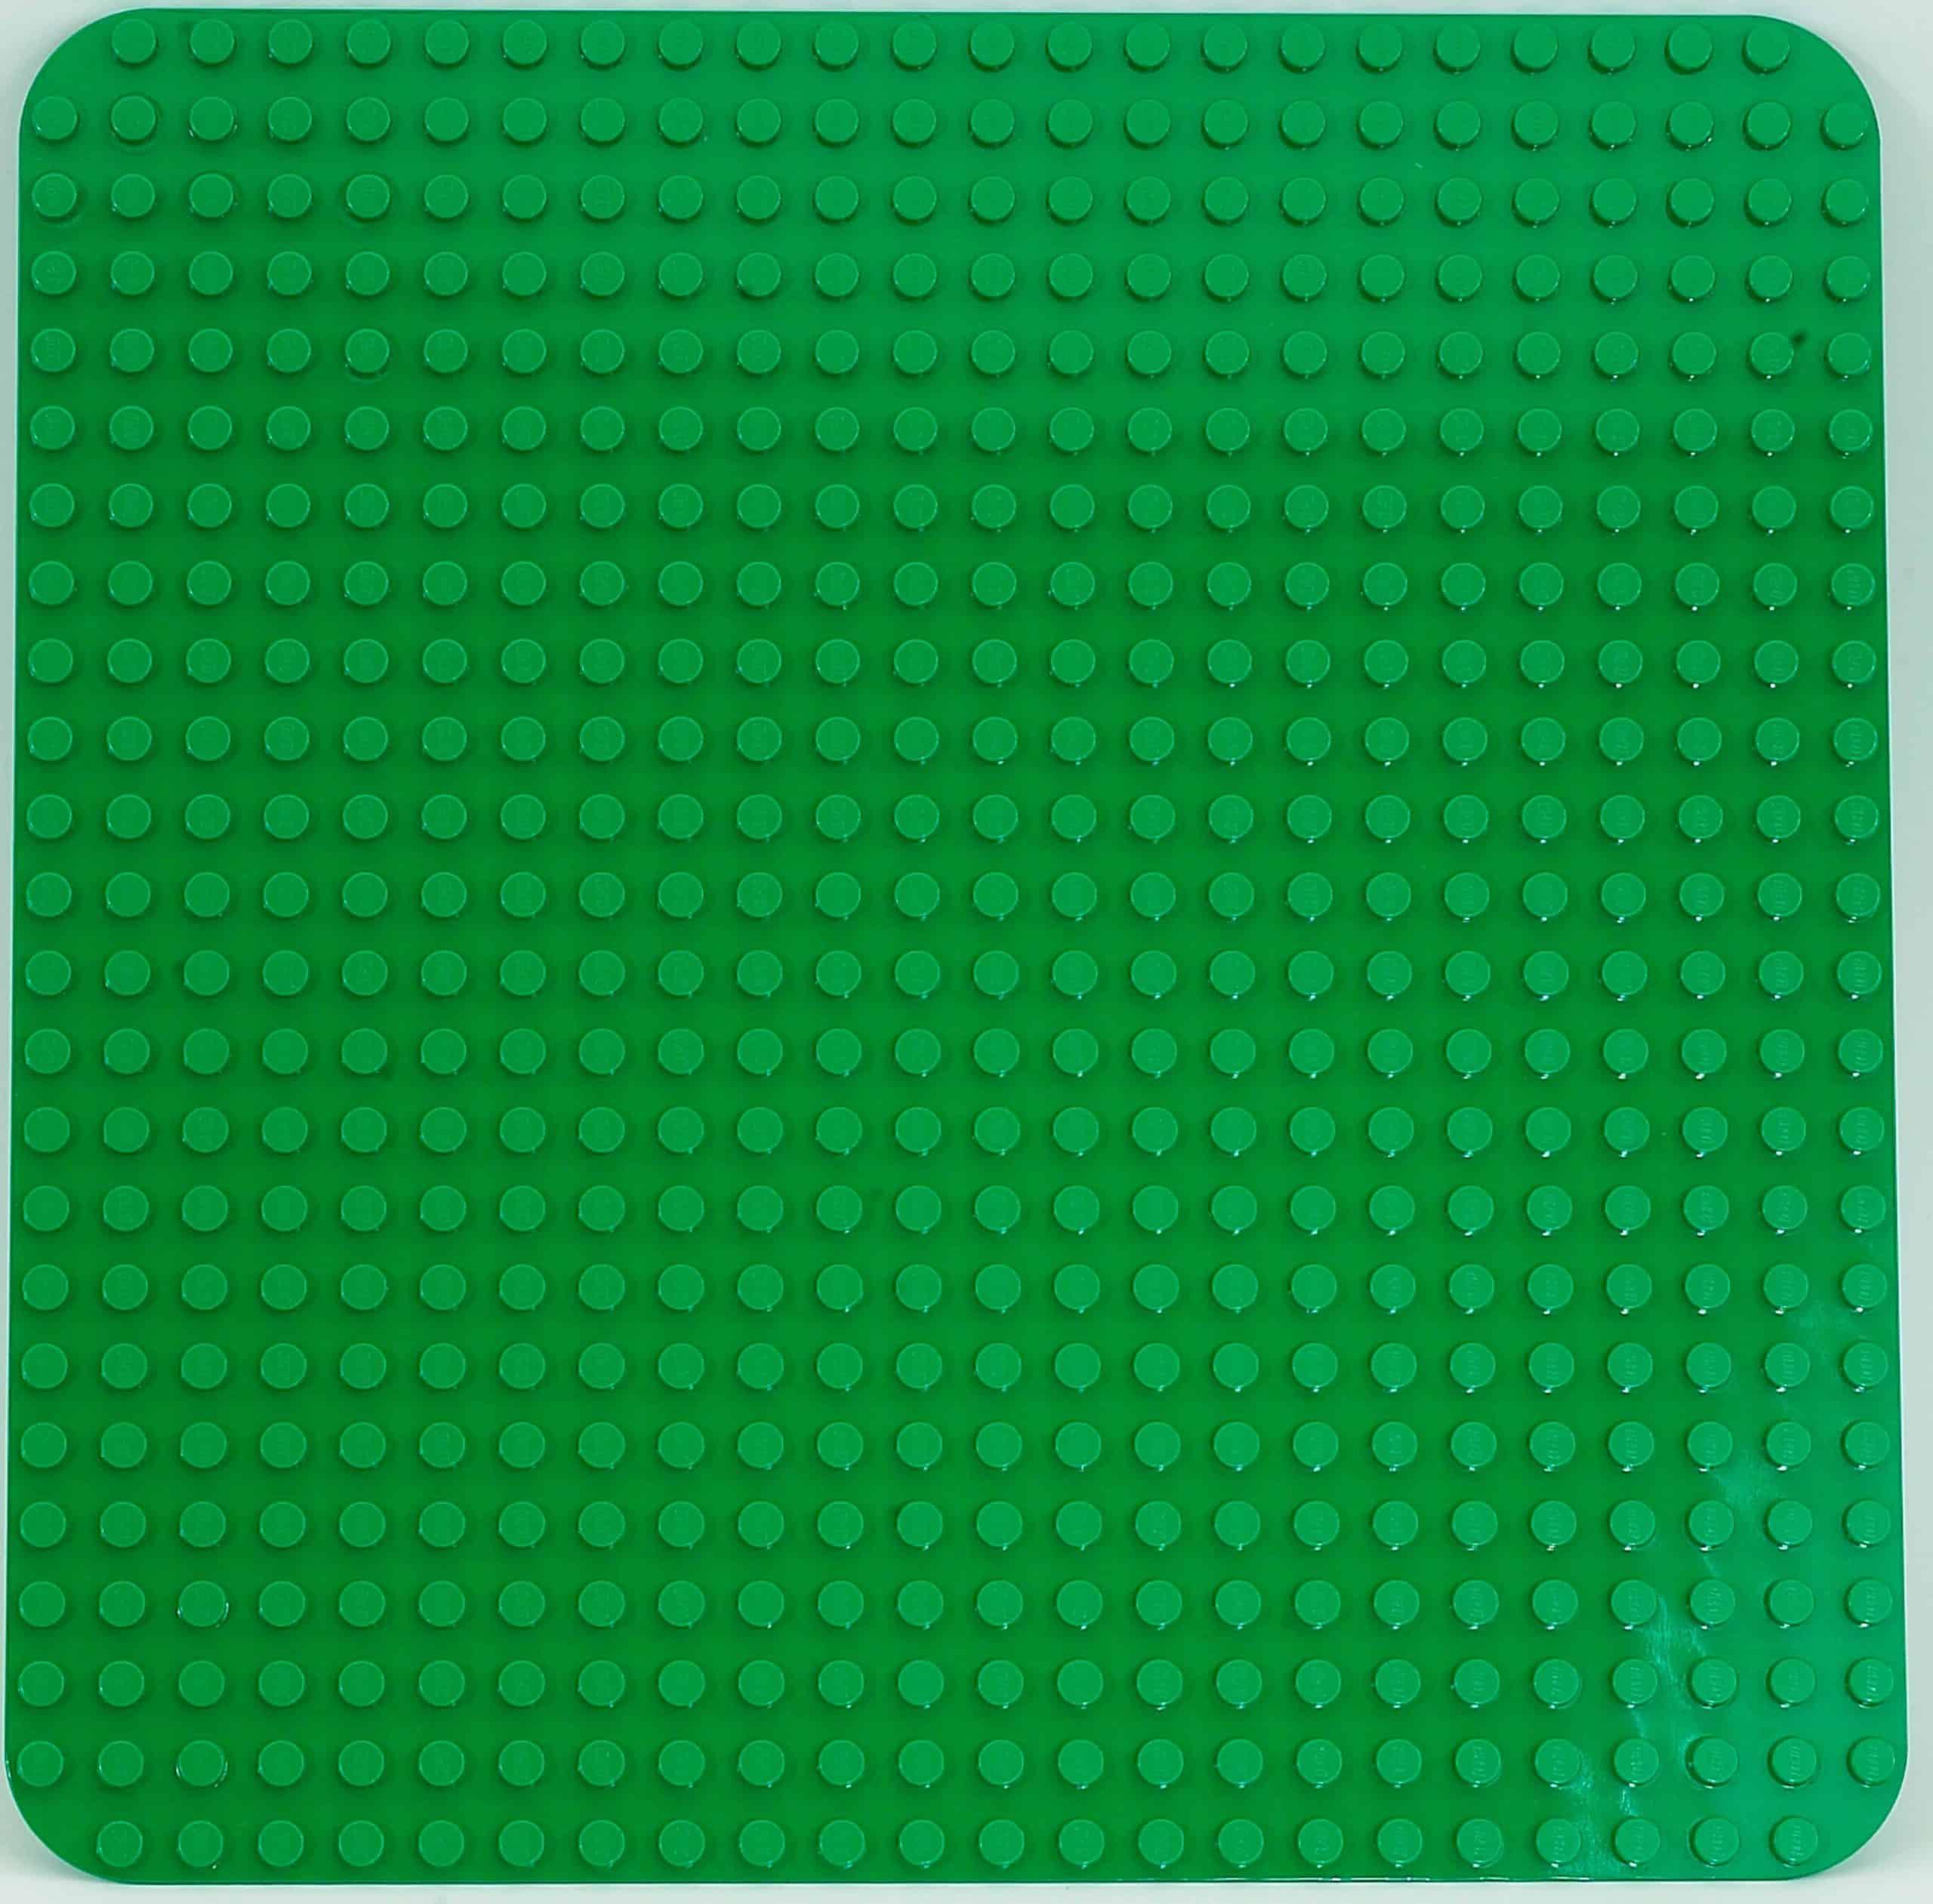 grune duplo 2304 bauplatte scaled